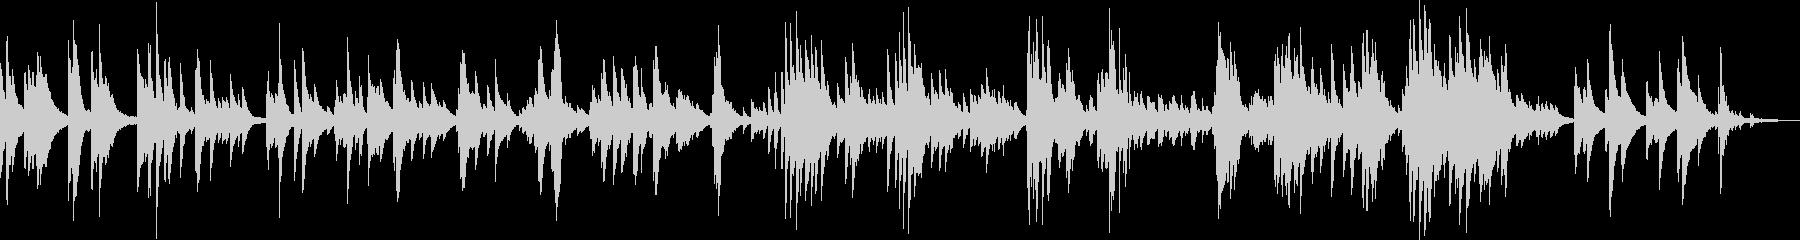 別れのテーマ(ピアノ・バラード・悲しい)の未再生の波形